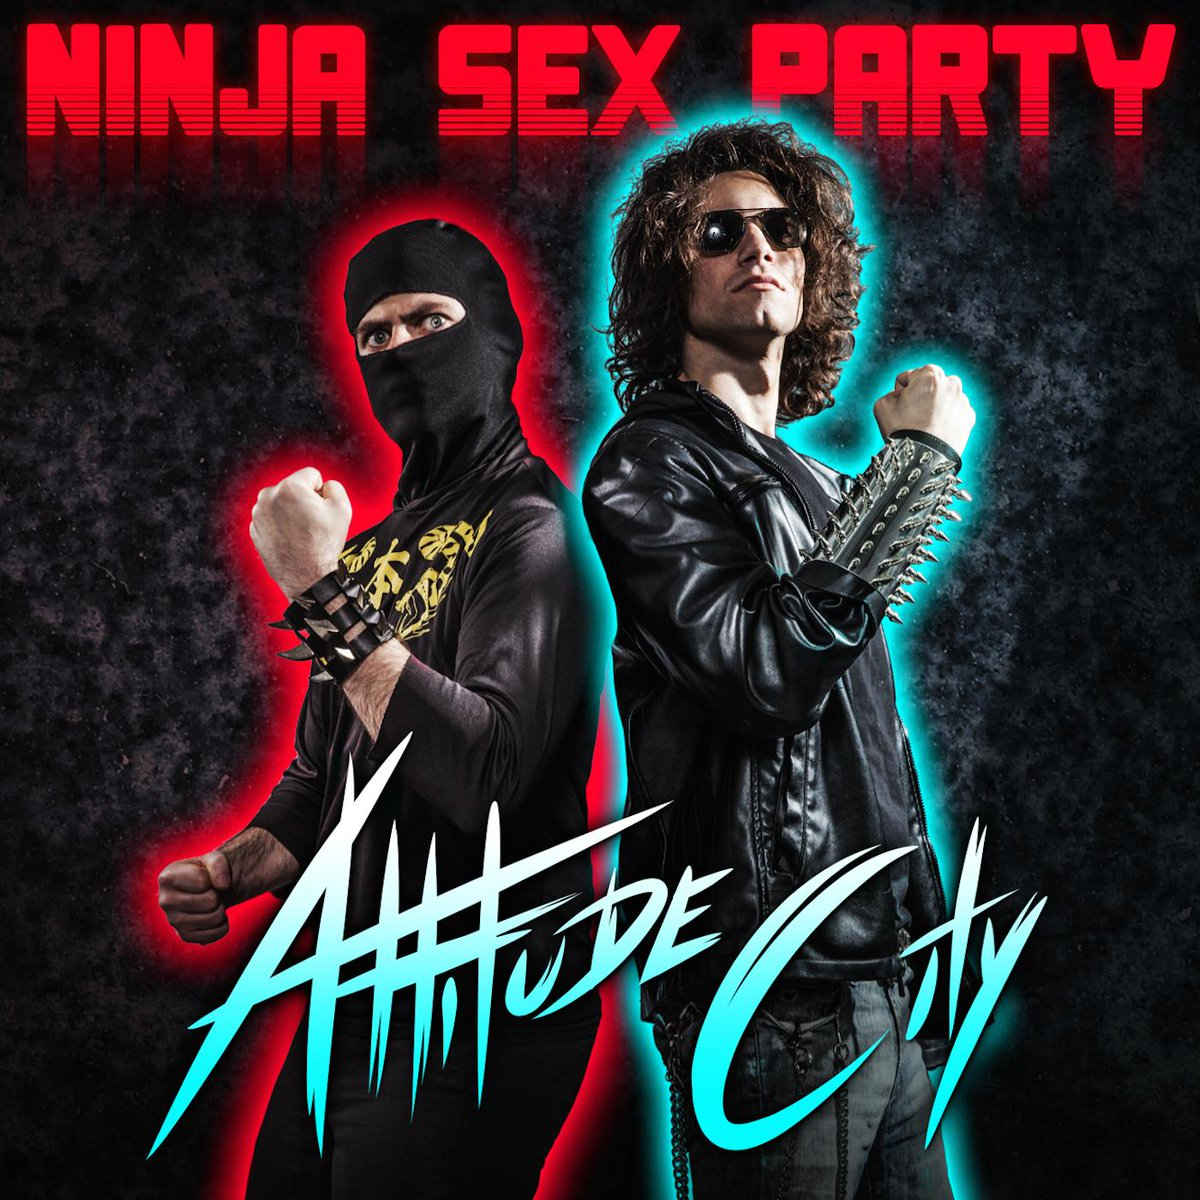 Sex Album Cover 101